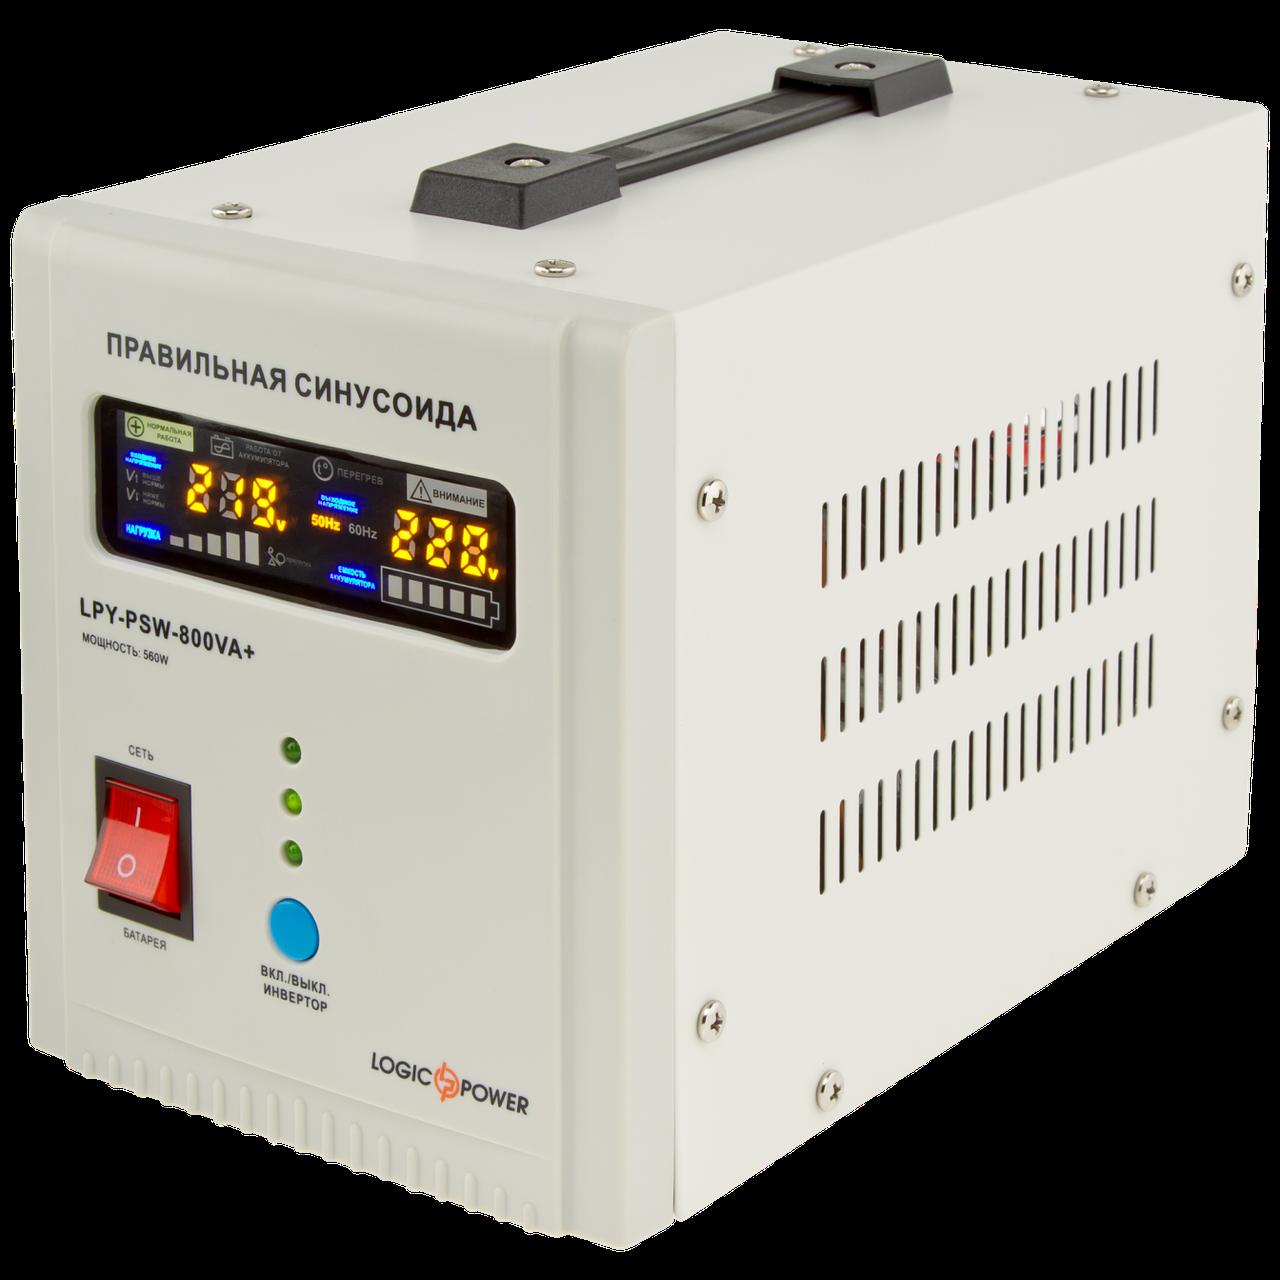 ИБП с правильной синусоидой LogicPower LPY-PSW-800VA+(560W)5A/15A 12V для котлов и аварийного освещения